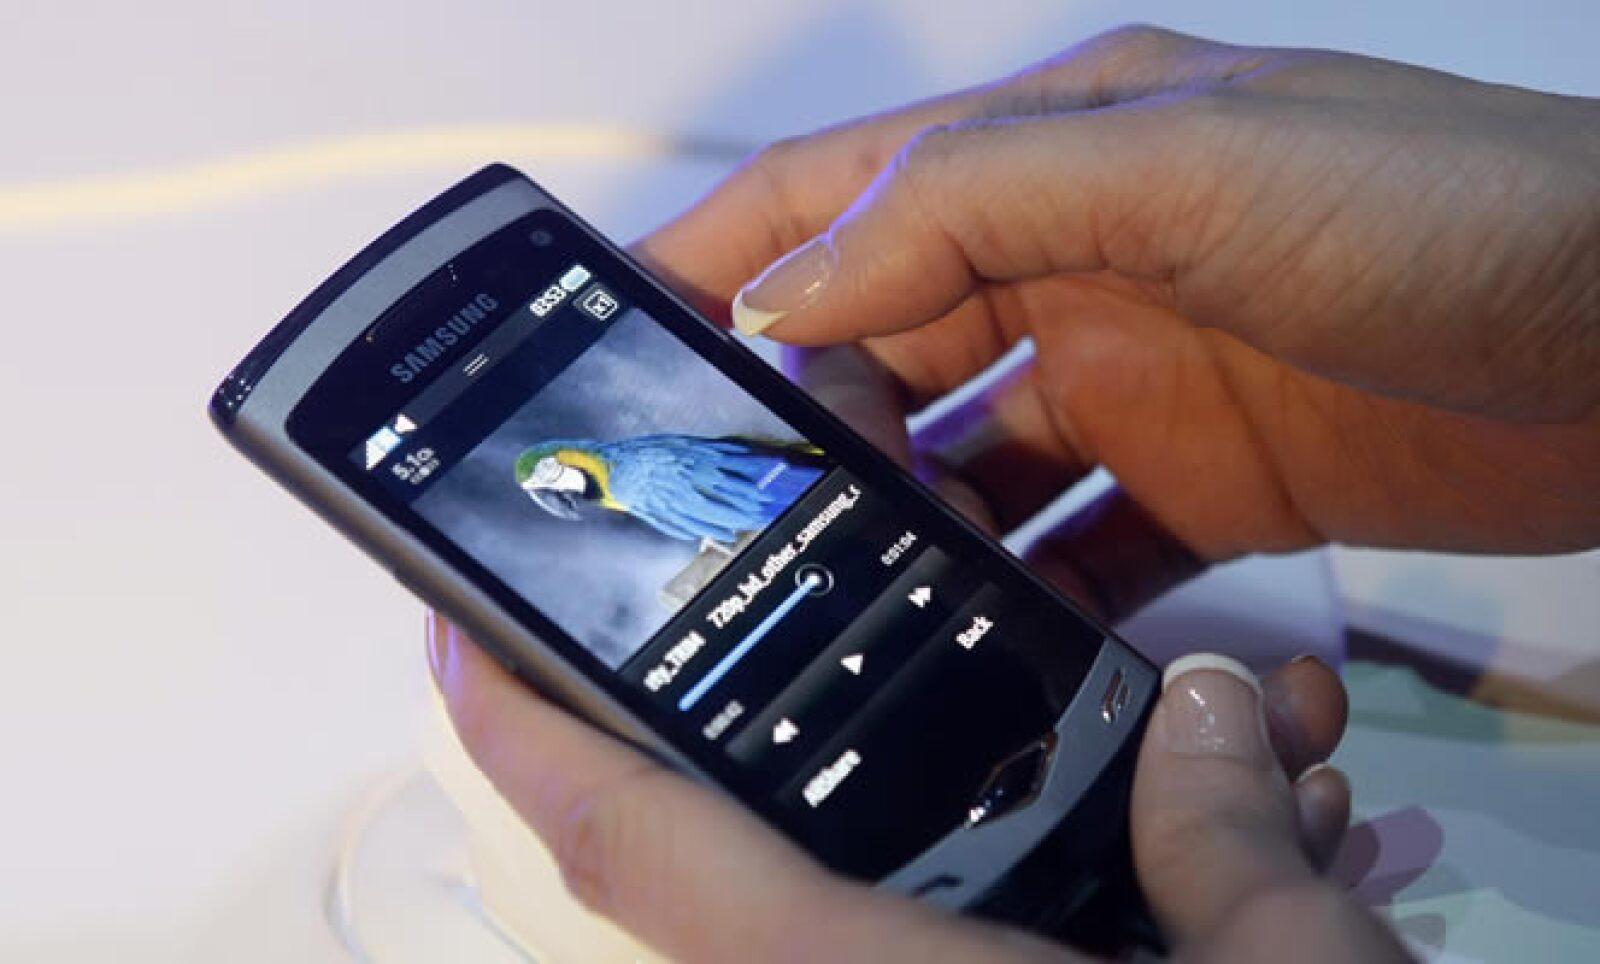 La firma de electrónicos de origen coreano, Samsung, lanzó al público smarthphones para volver a luchar por el mercado de la telefonía celular. En la imagen, móvil Wave con acceso a Internet vía wireless y 3G.